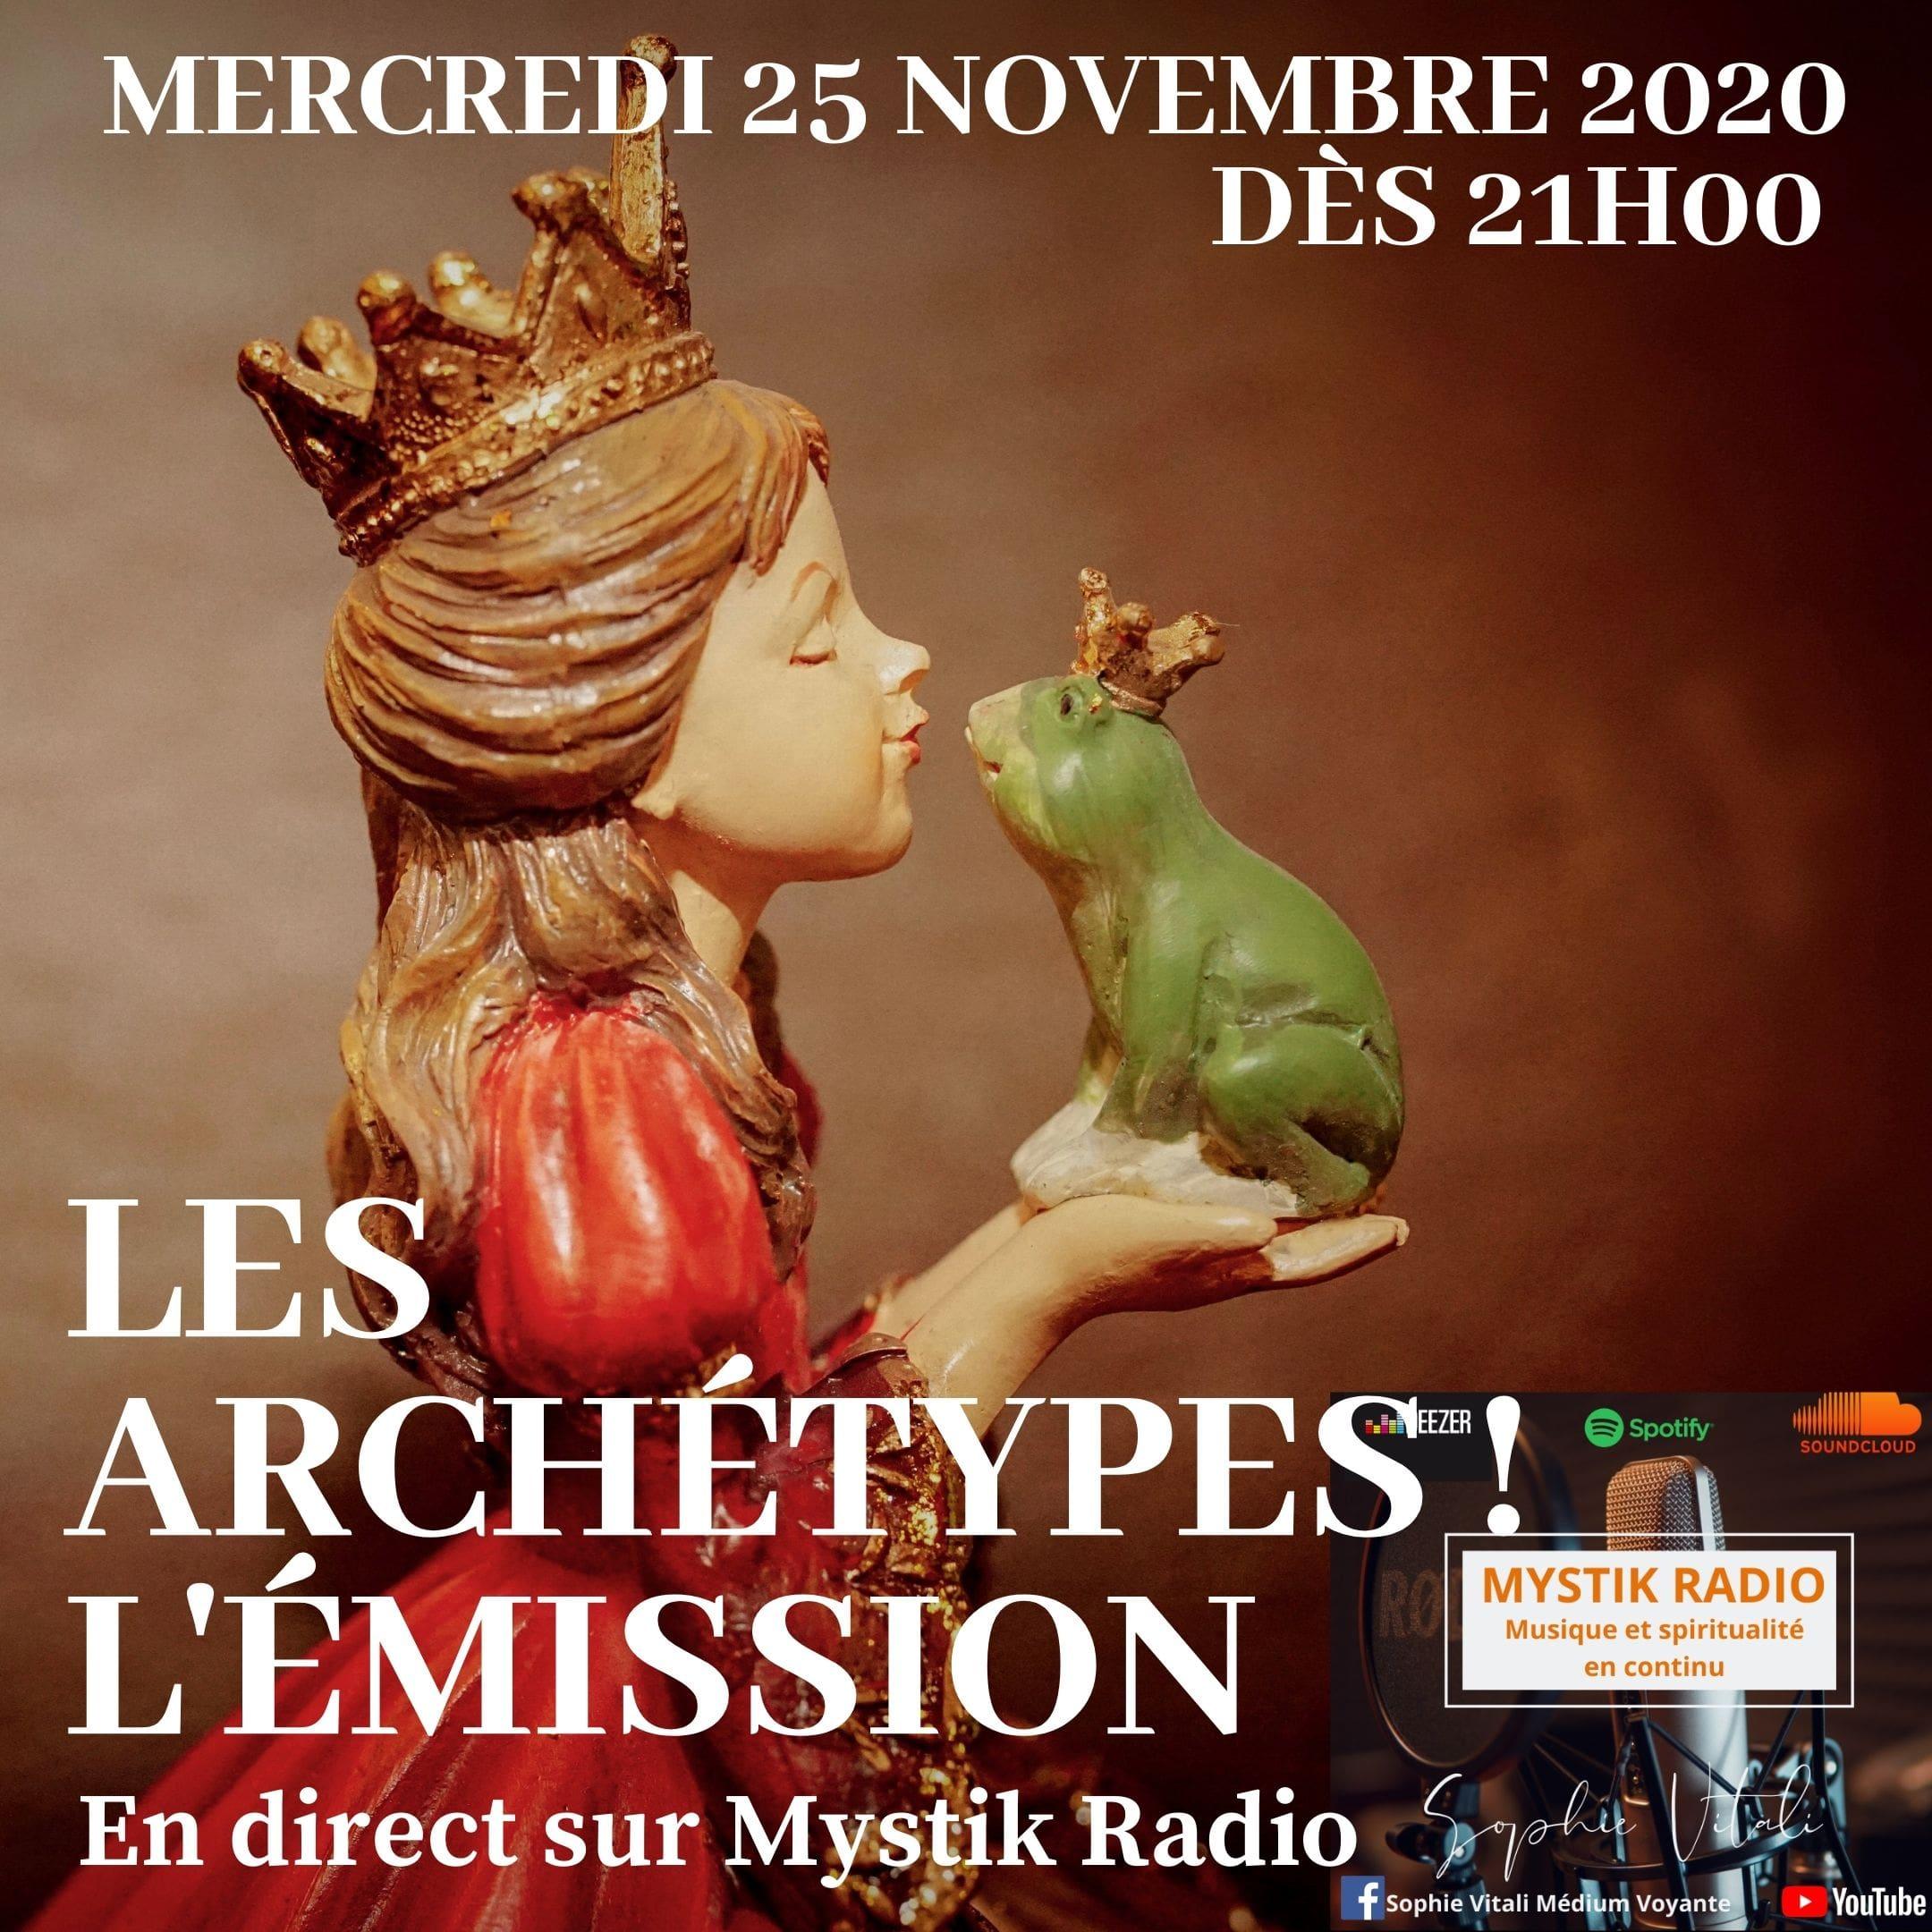 Les archétypes ! L'émission ! en direct sur Mystik Radio / Infinità Corse Voyance